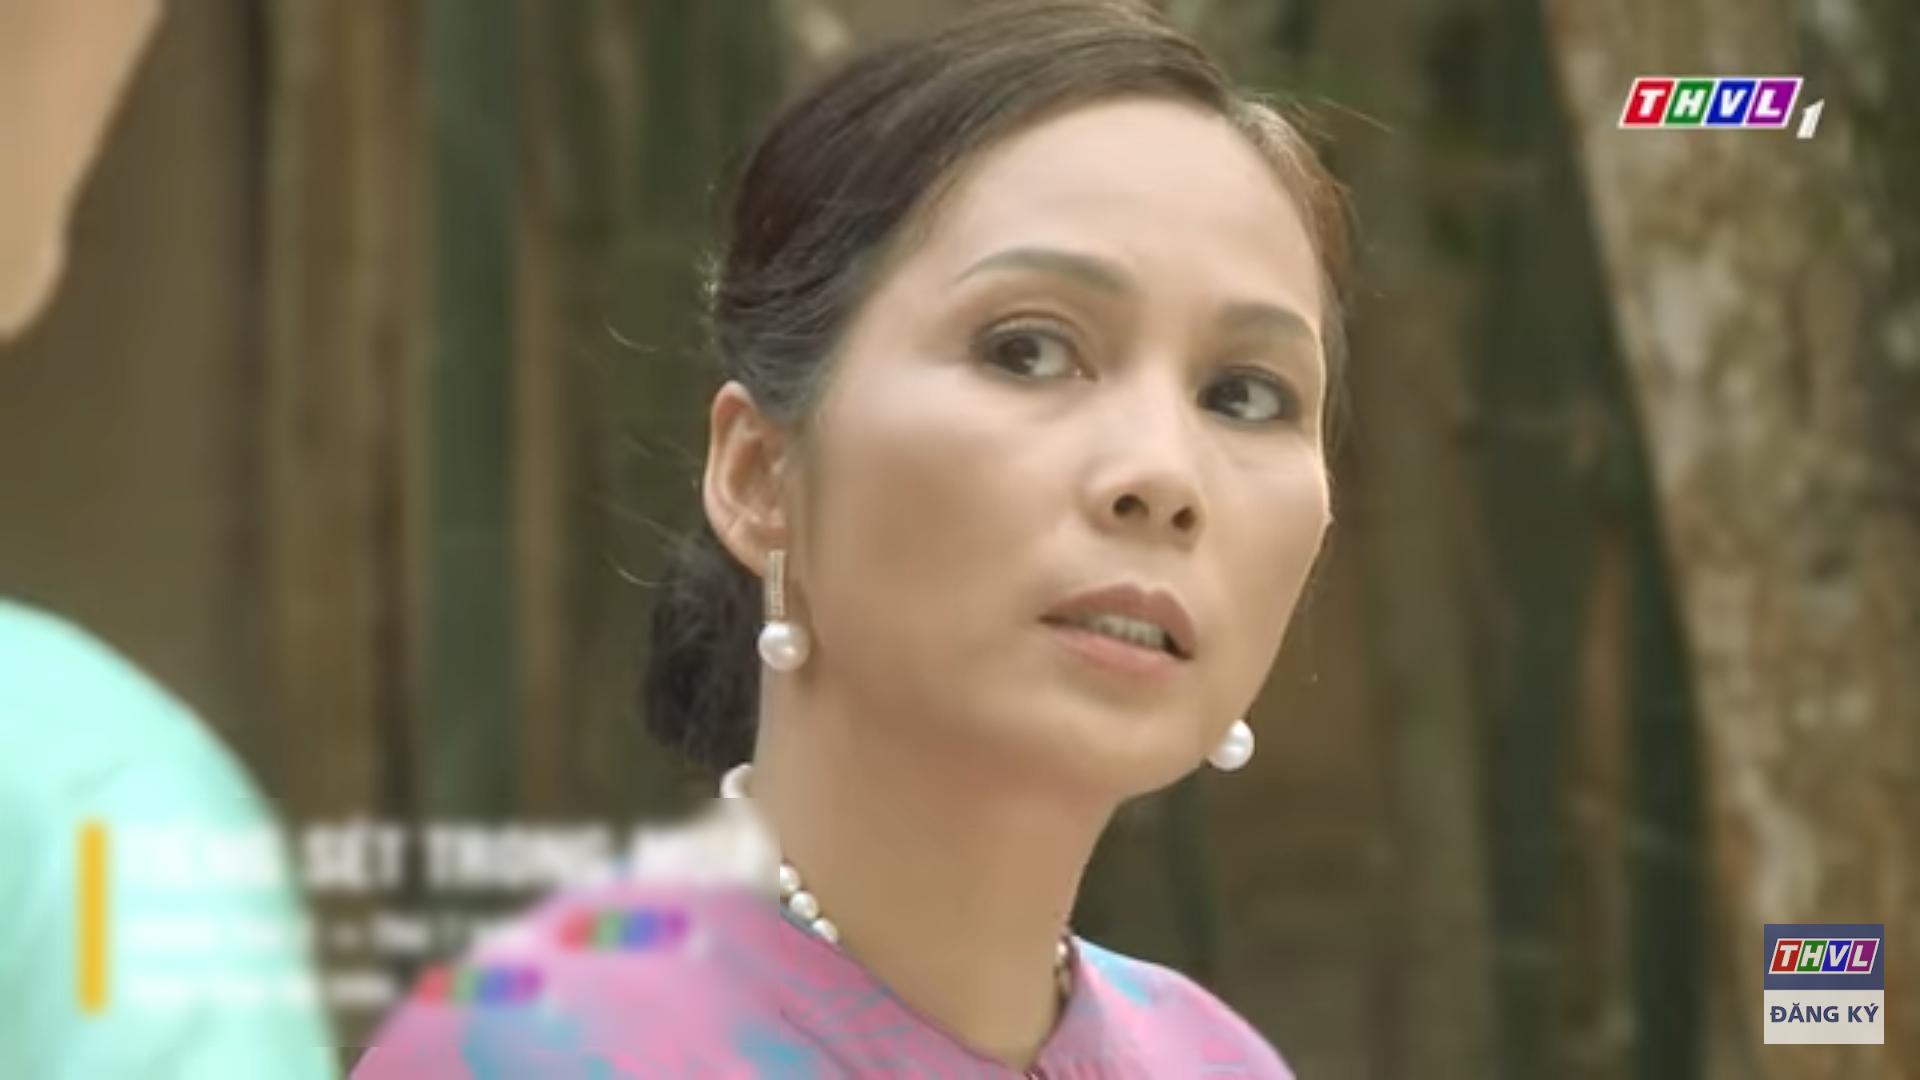 'Tiếng sét trong mưa' trailer tập 42: Hai Sáng lại 'tạo nghiệp' mới, sát hại chồng bà Lẫm vì bị dằn mặt? 0